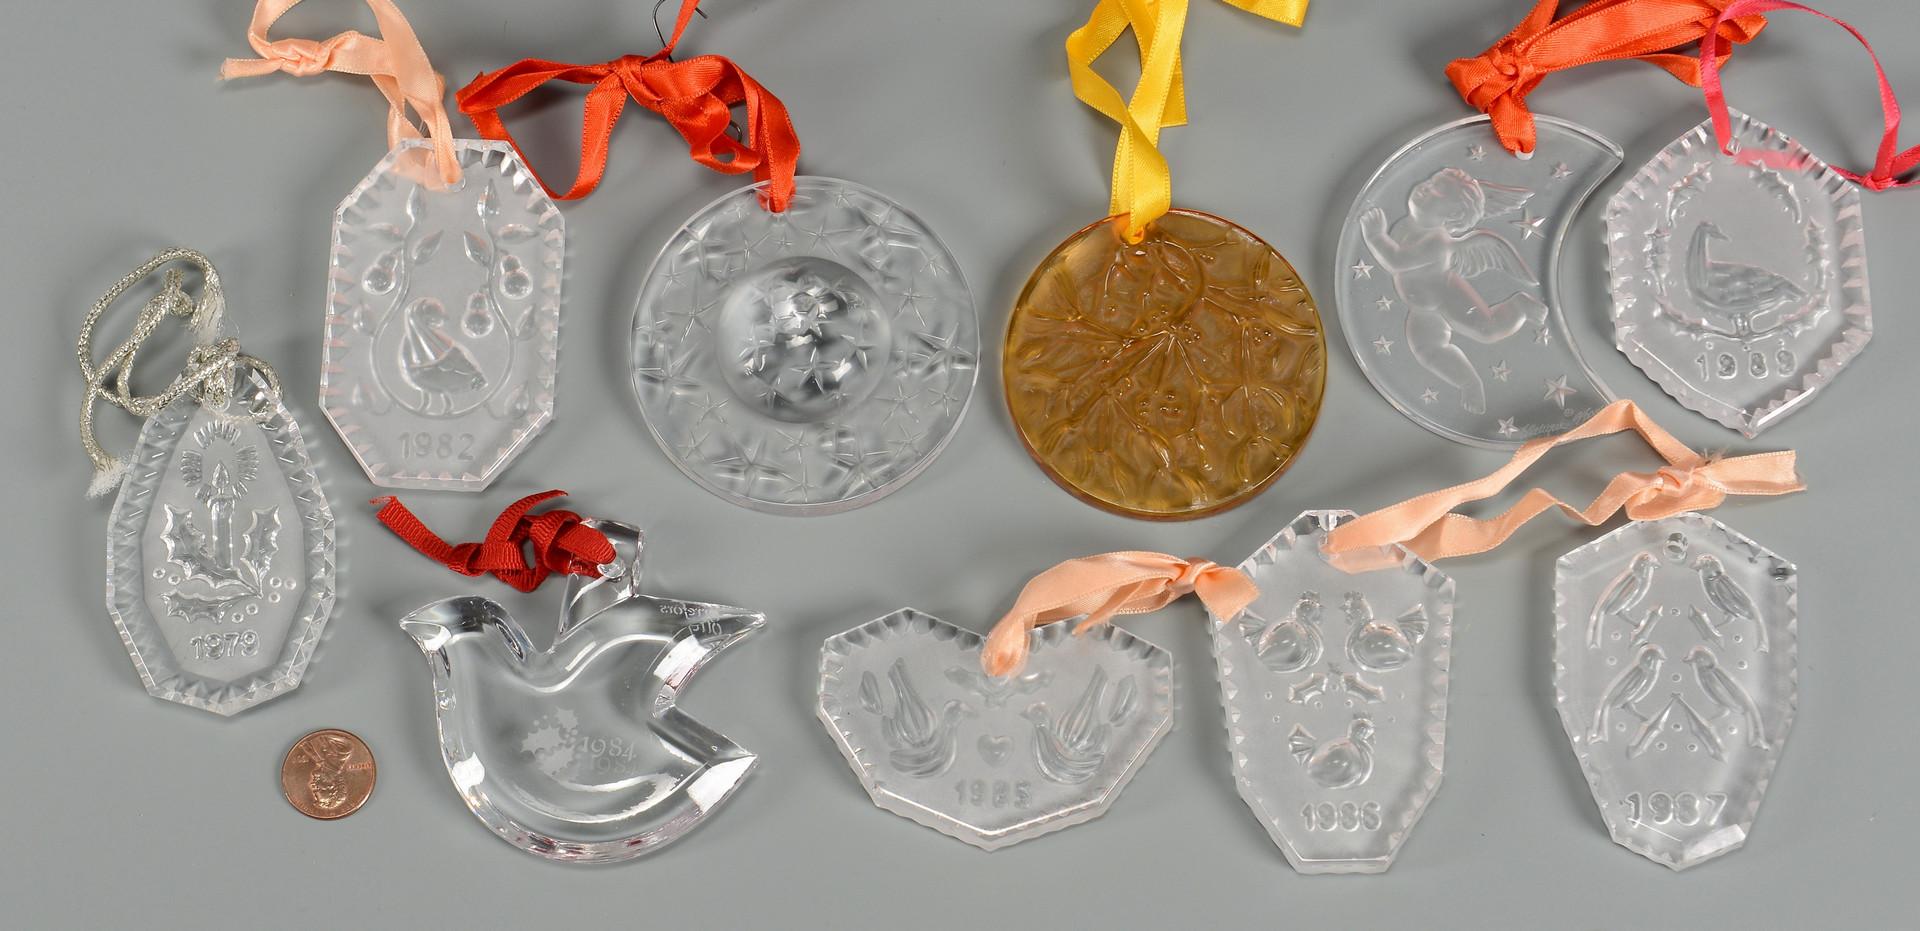 Lot 480: Lalique Glass Vase & Ornaments